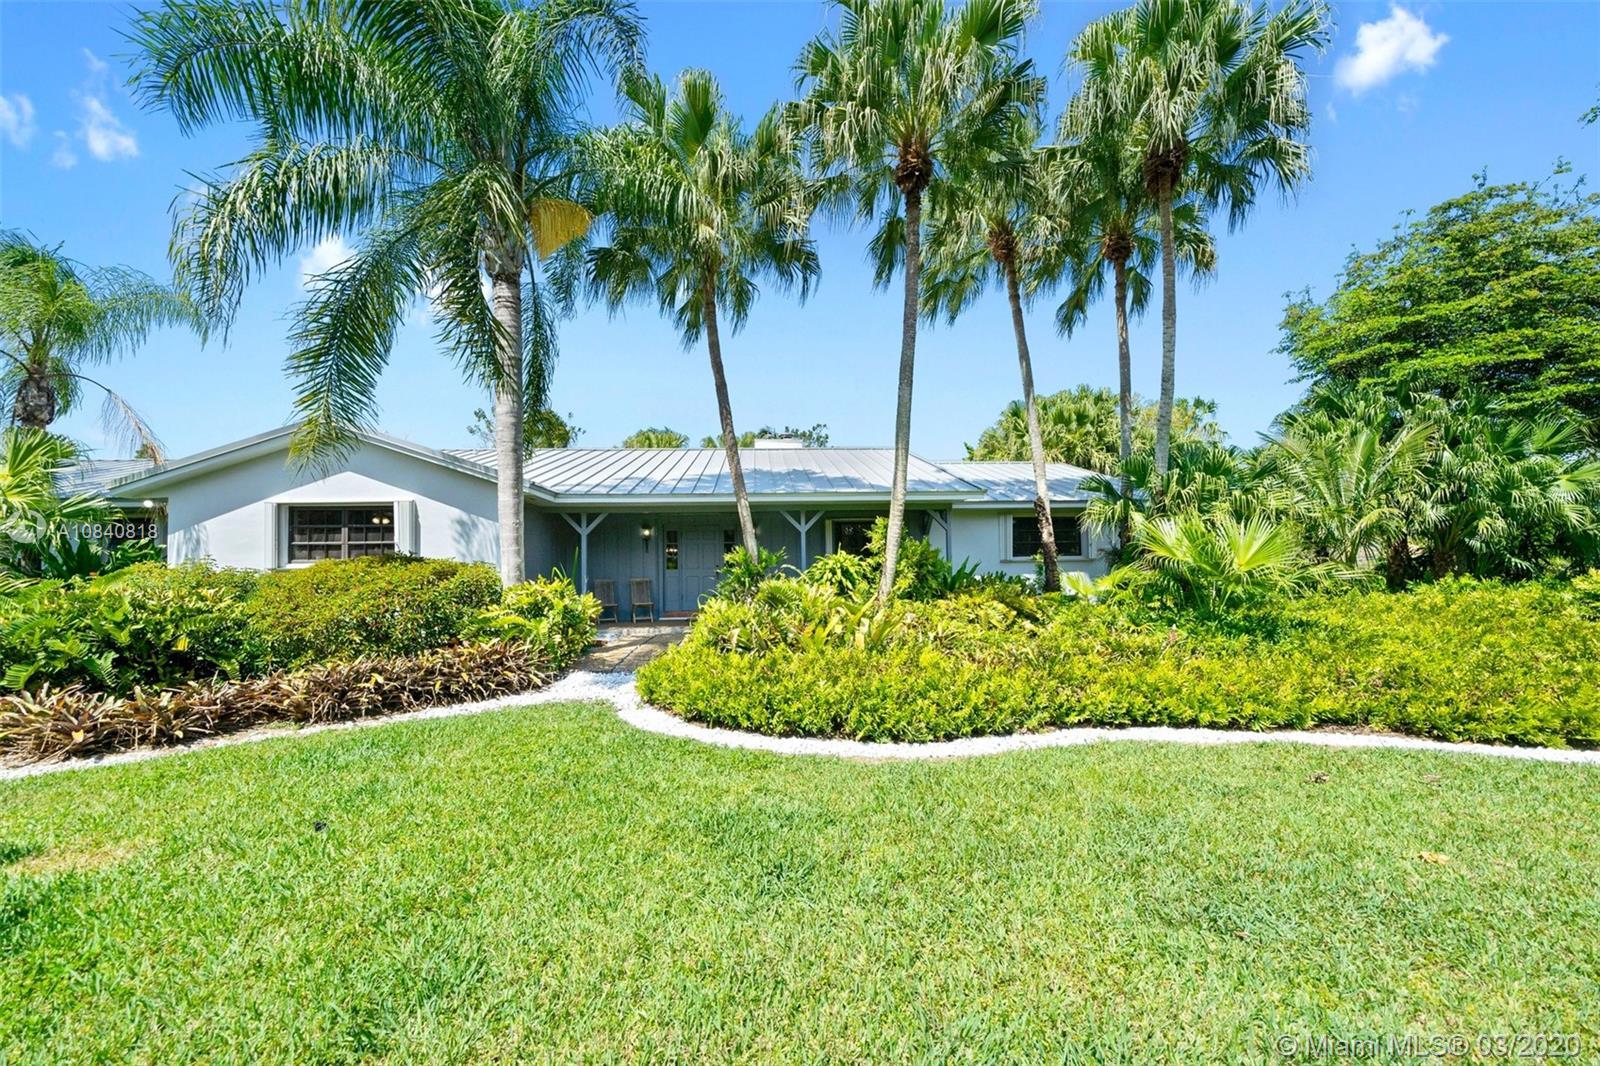 16025 SW 172 St, Miami, FL 33187